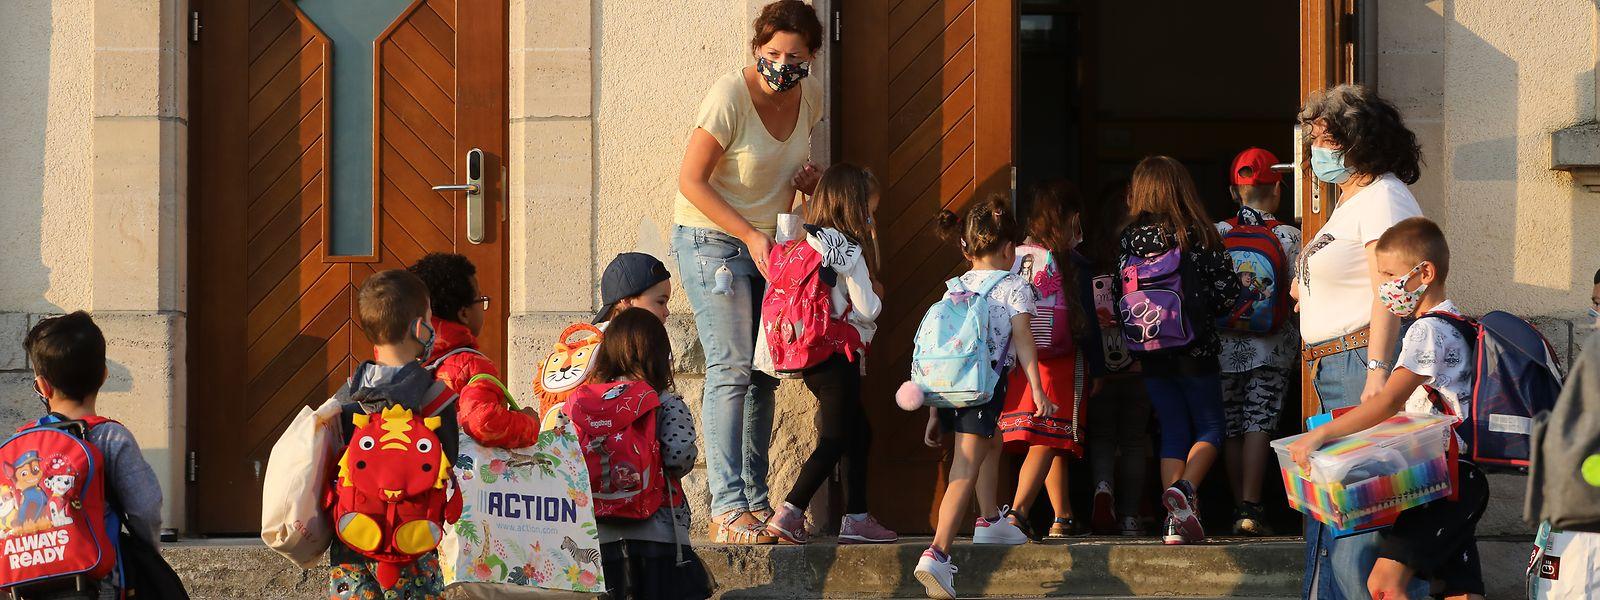 159 élèves du fondamental et du primaire ont contracté le virus depuis le 15 septembre selon les chiffres publiés par le ministère de l'Education nationale.